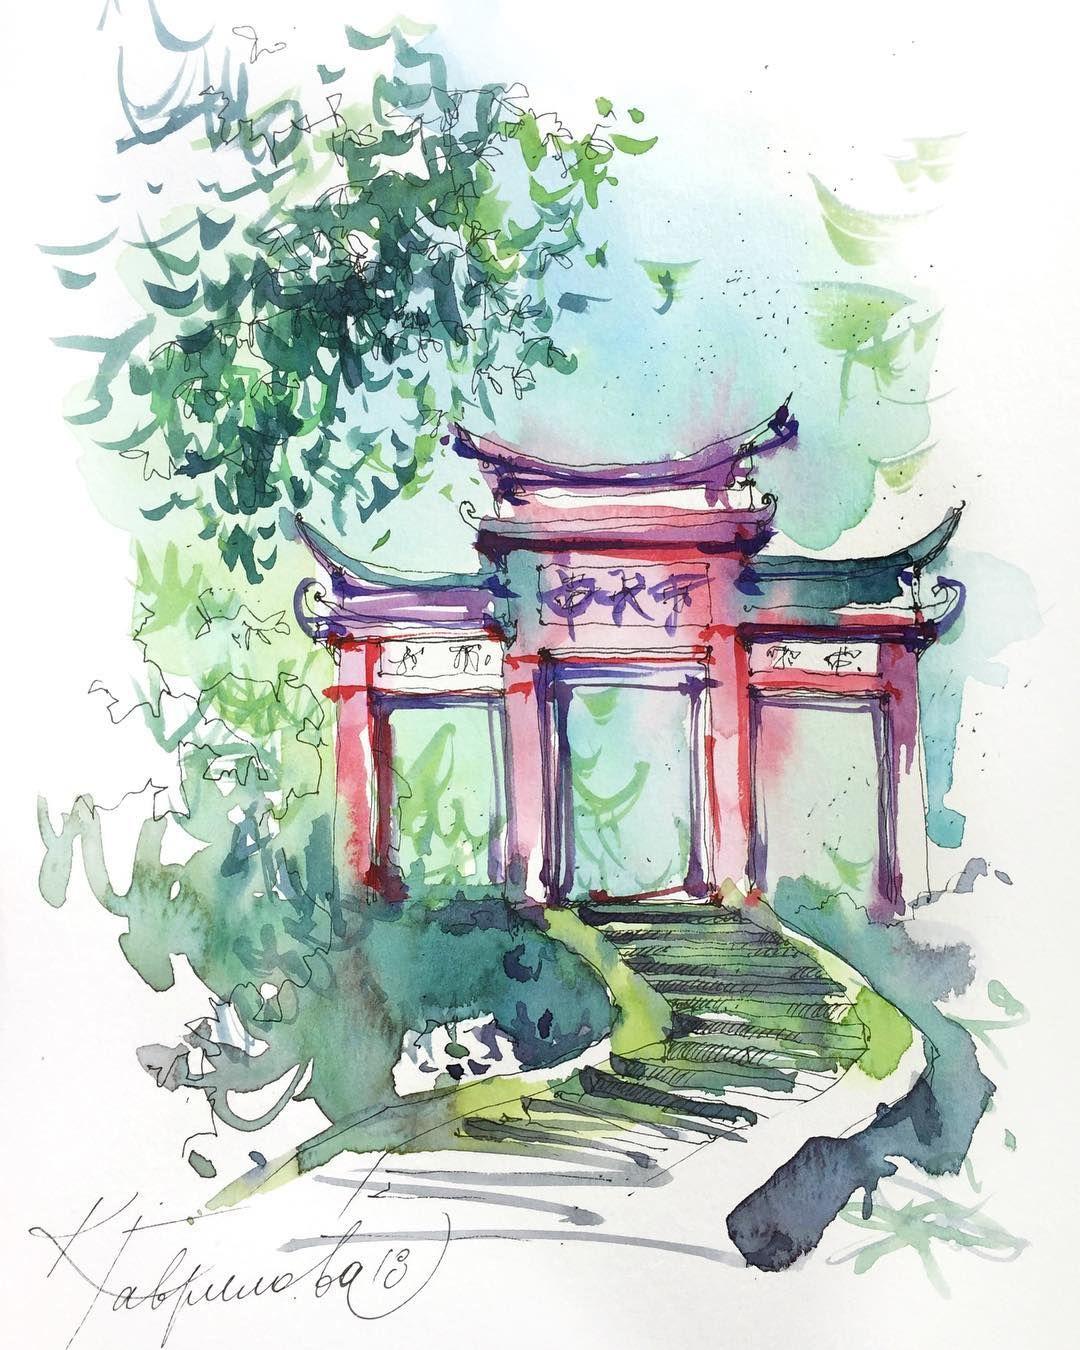 Bild Konnte Enthalten Pflanze Und Im Freien 2020 Watercolor